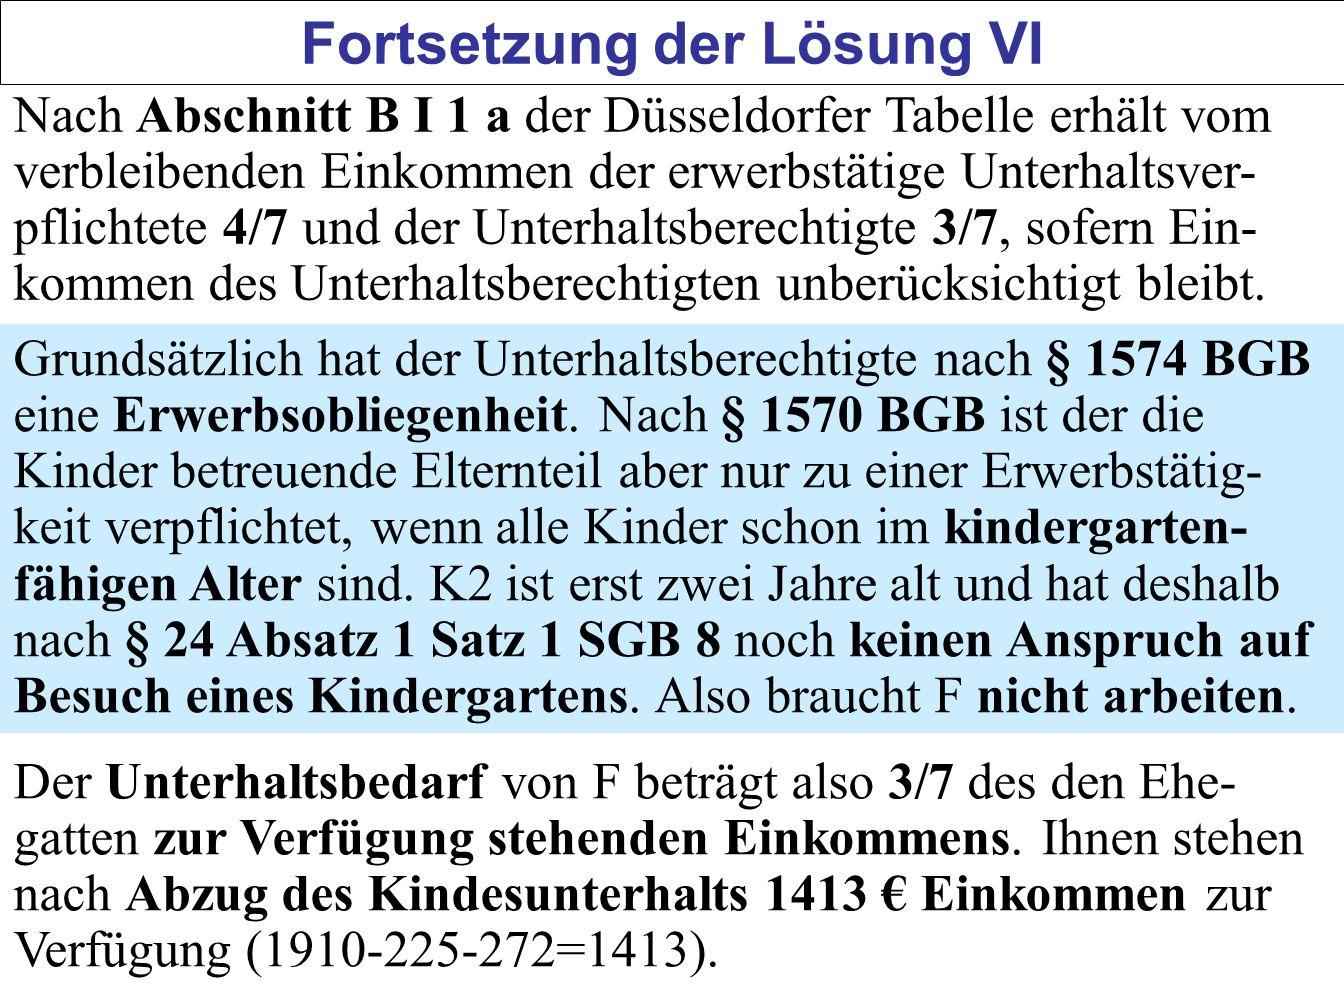 33 Fortsetzung der Lösung VI Nach Abschnitt B I 1 a der Düsseldorfer Tabelle erhält vom verbleibenden Einkommen der erwerbstätige Unterhaltsver- pflic